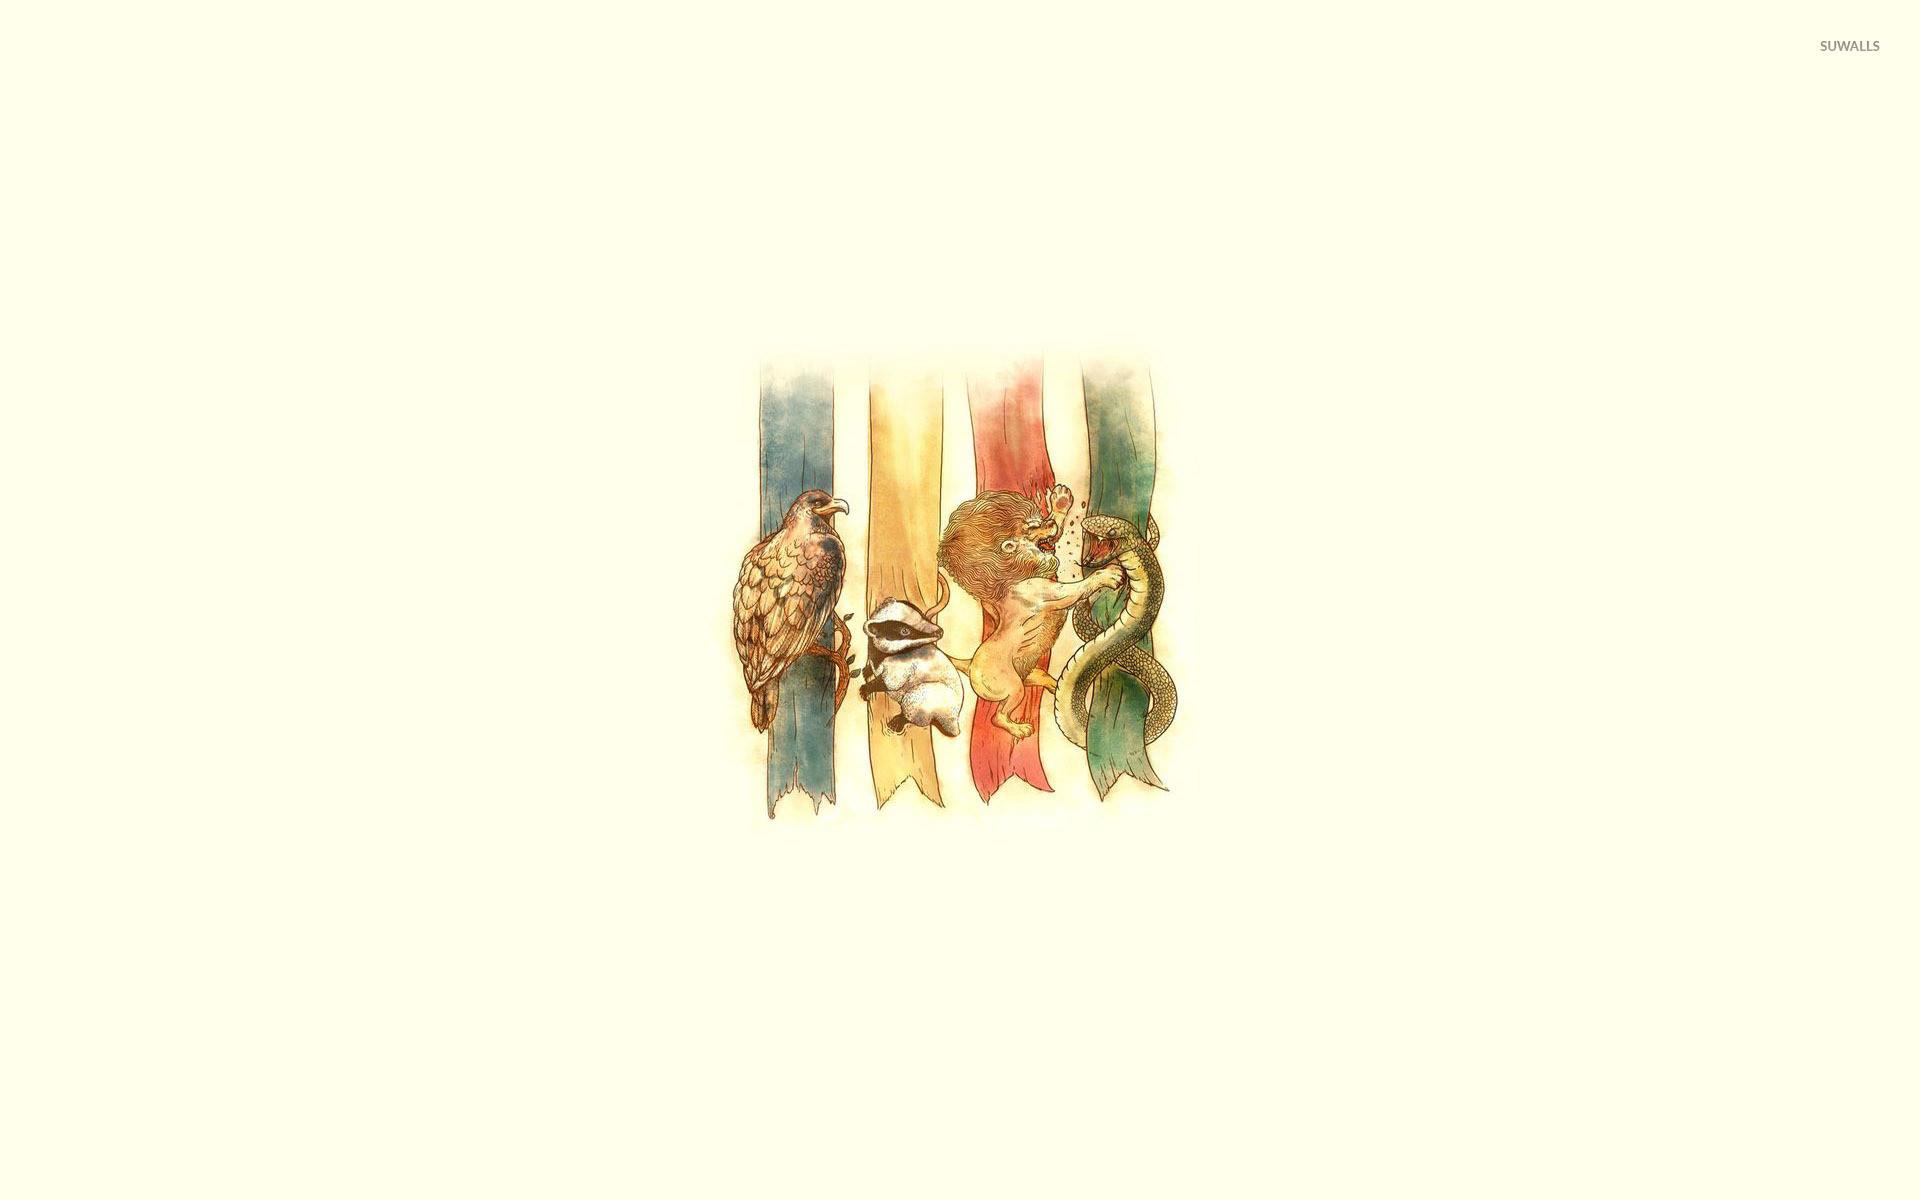 Hogwarts houses – Harry Potter wallpaper jpg